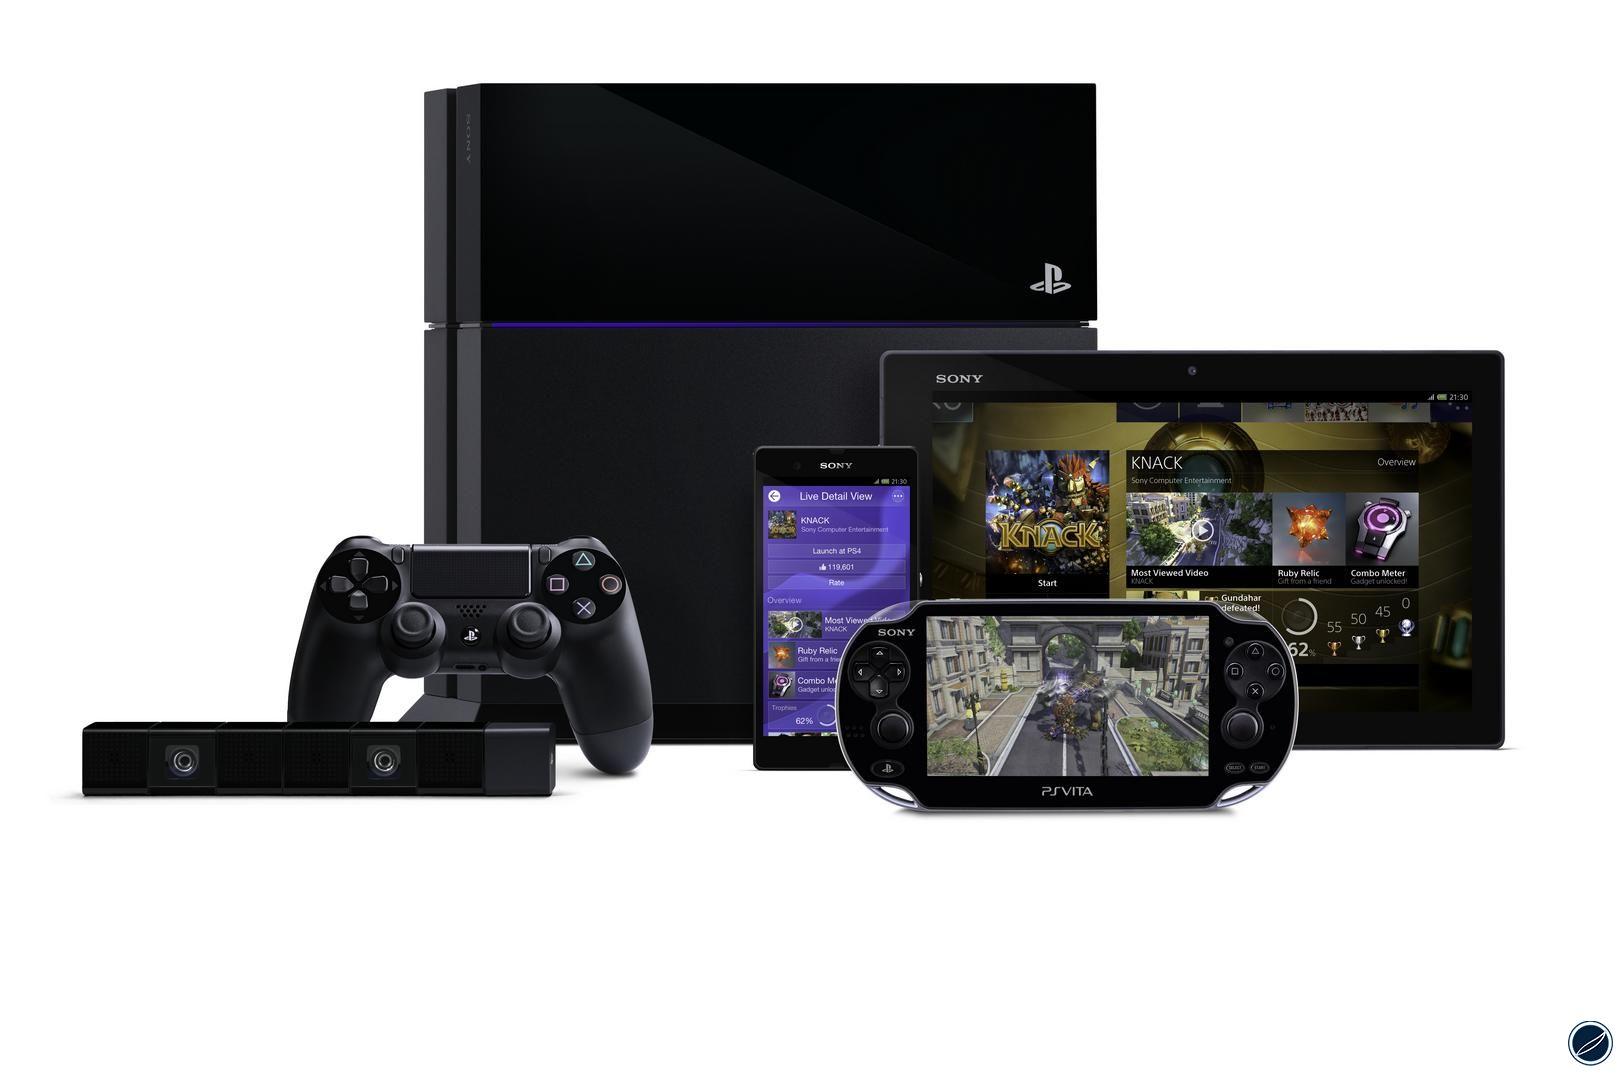 playstation-4_PS4_w_8358.jpg